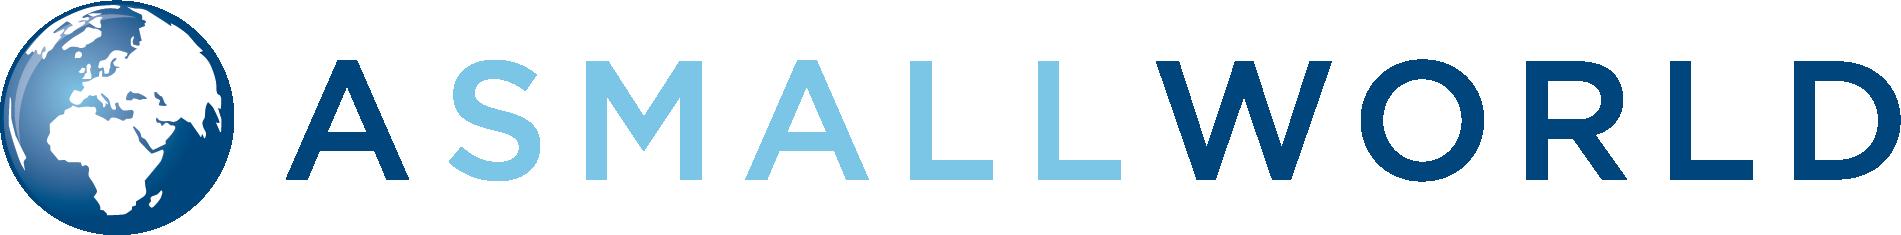 asw-logo.png